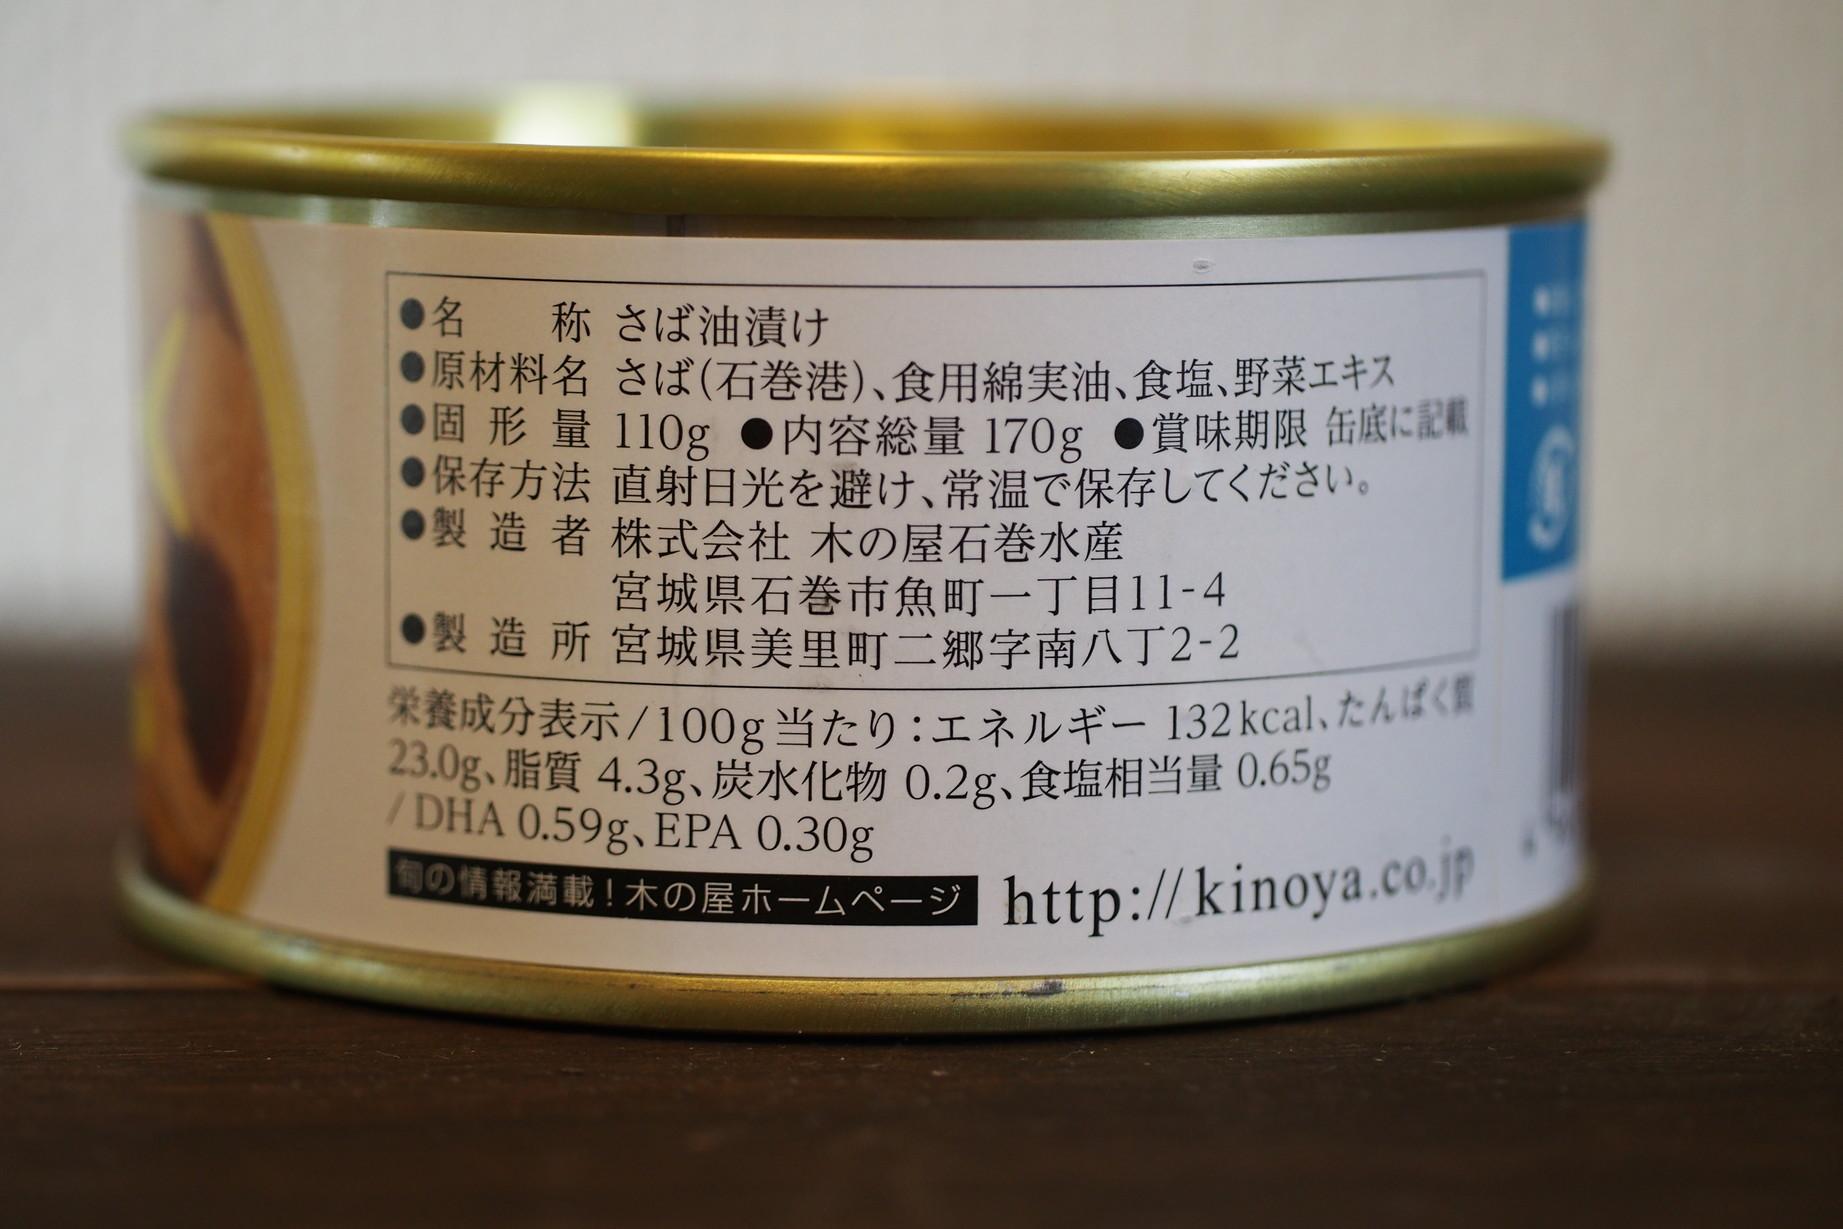 サラダサバ 商品詳細 要素成分表示